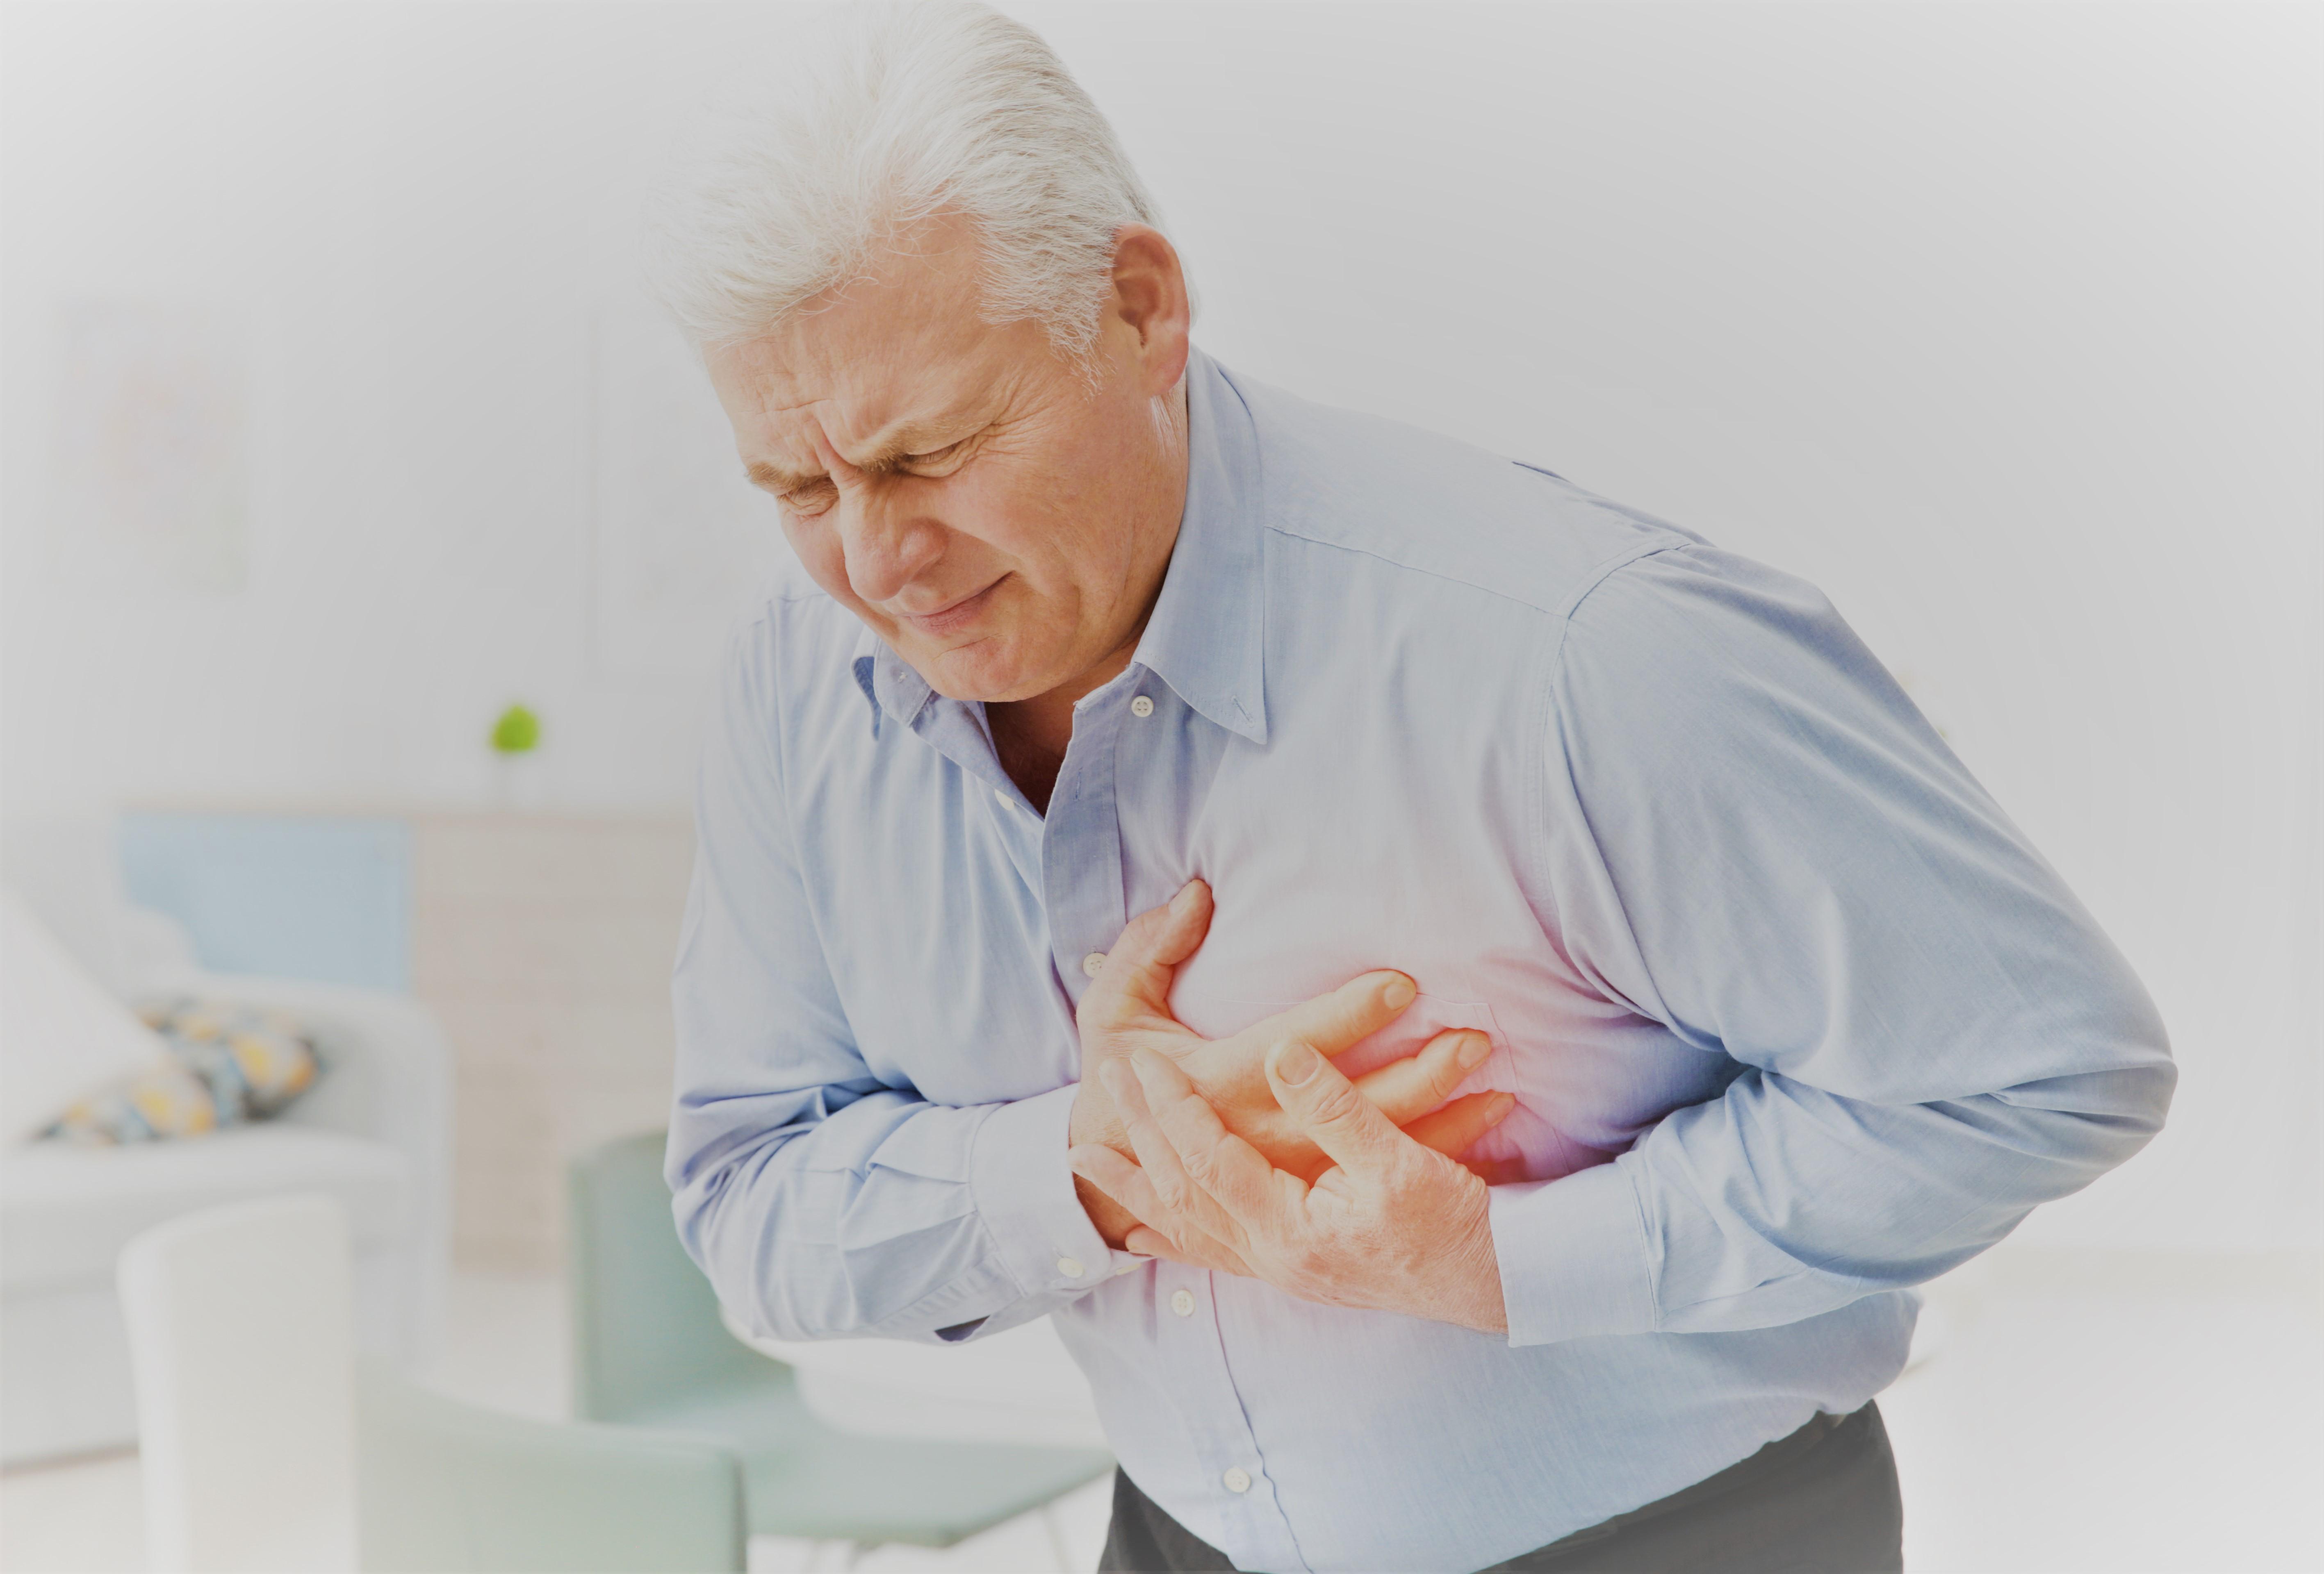 miért fáj a kézízületek ok nélkül